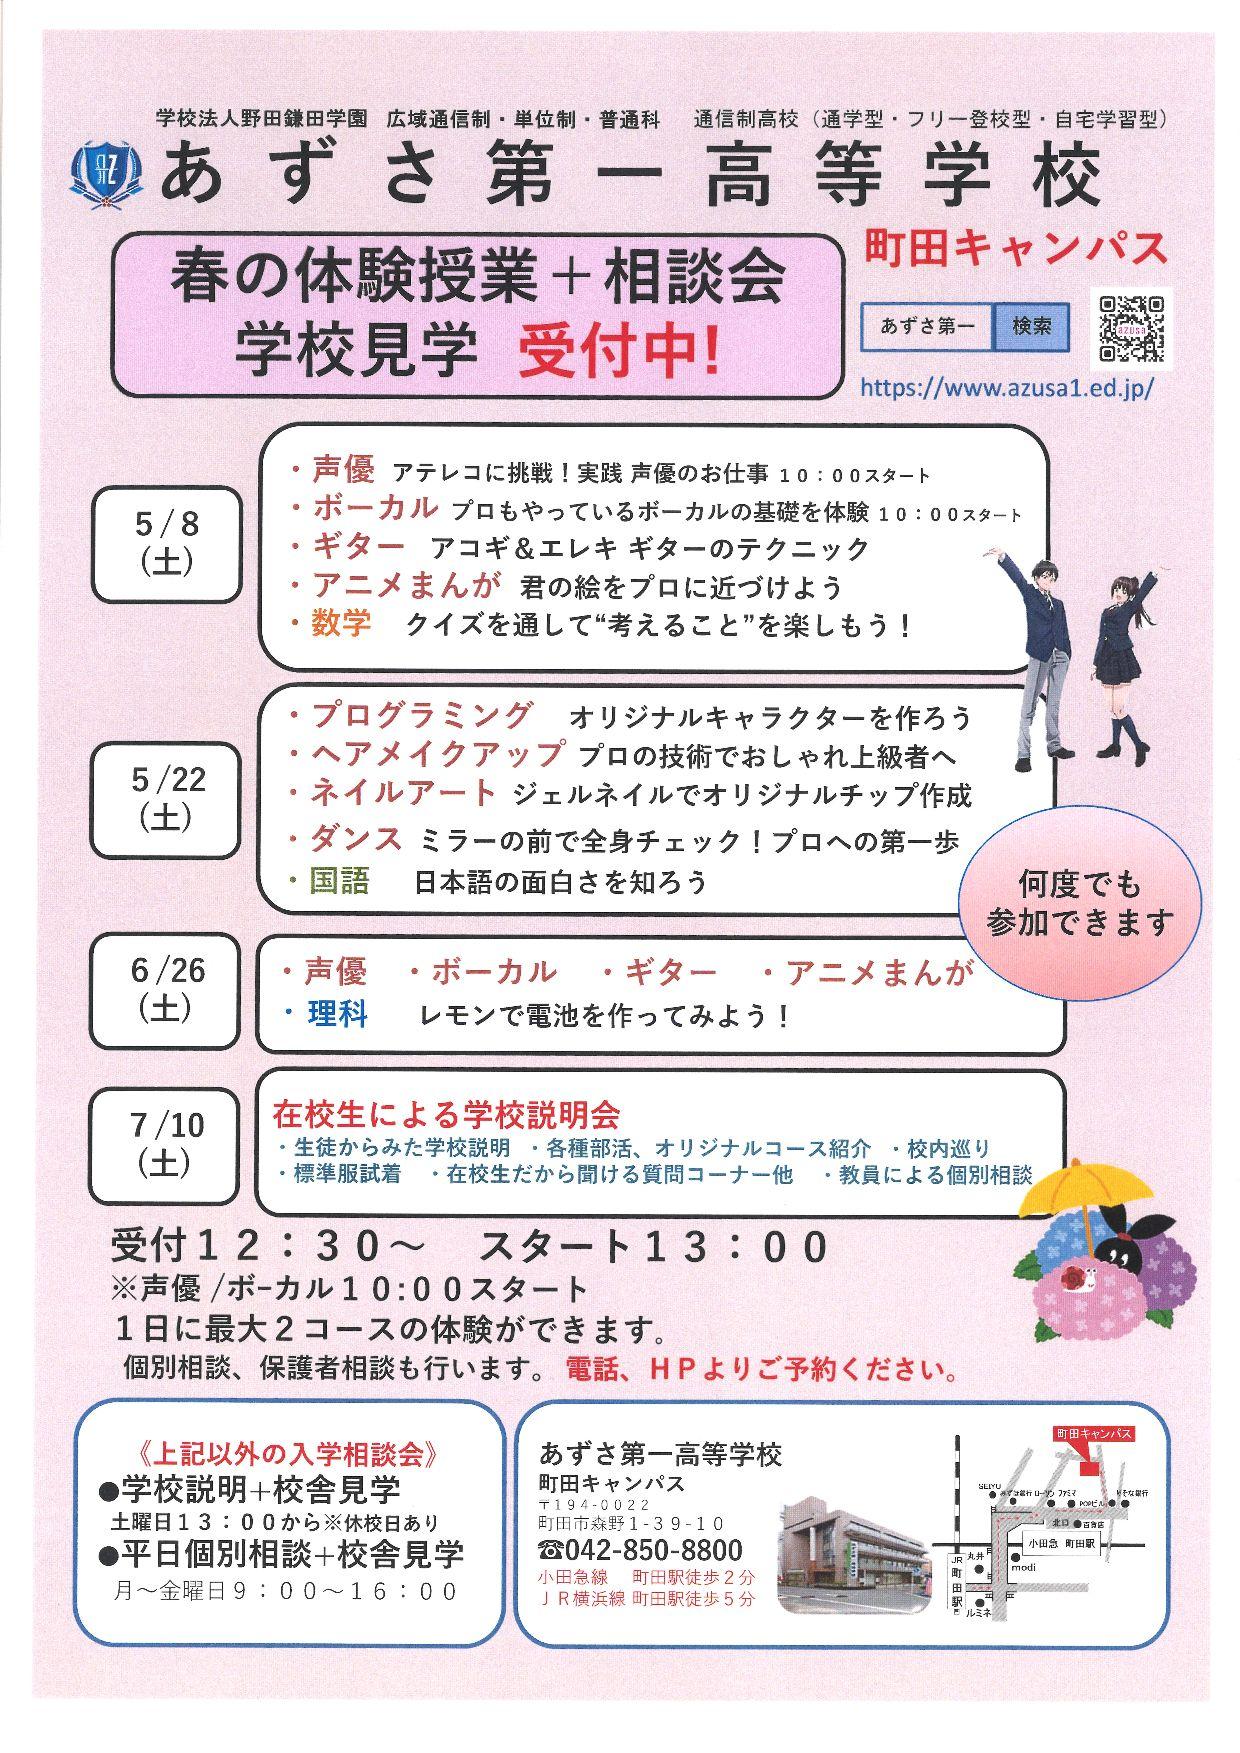 町田キャンパス 春の体験授業 image1